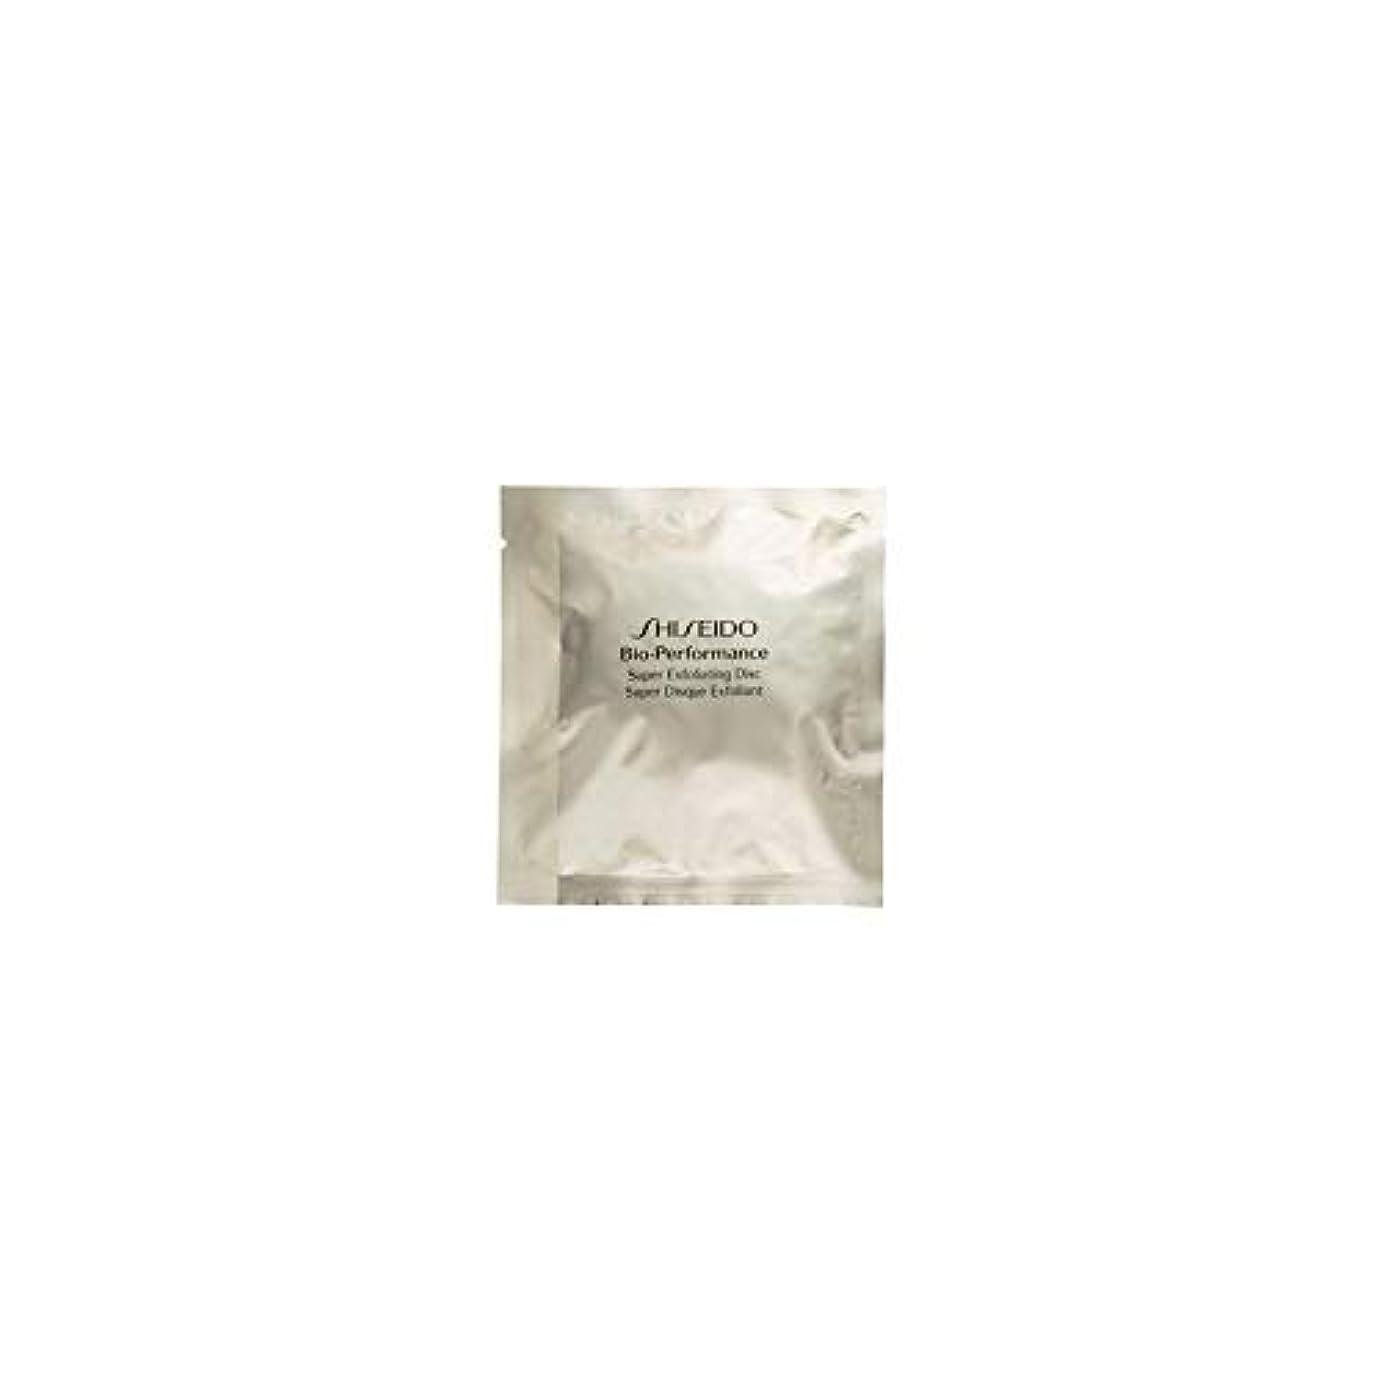 正しいビスケットドル[Shiseido] 資生堂バイオパフォーマンススーパー角質除去ディスク×8 - Shiseido Bioperformance Super Exfoliating Discs X 8 [並行輸入品]